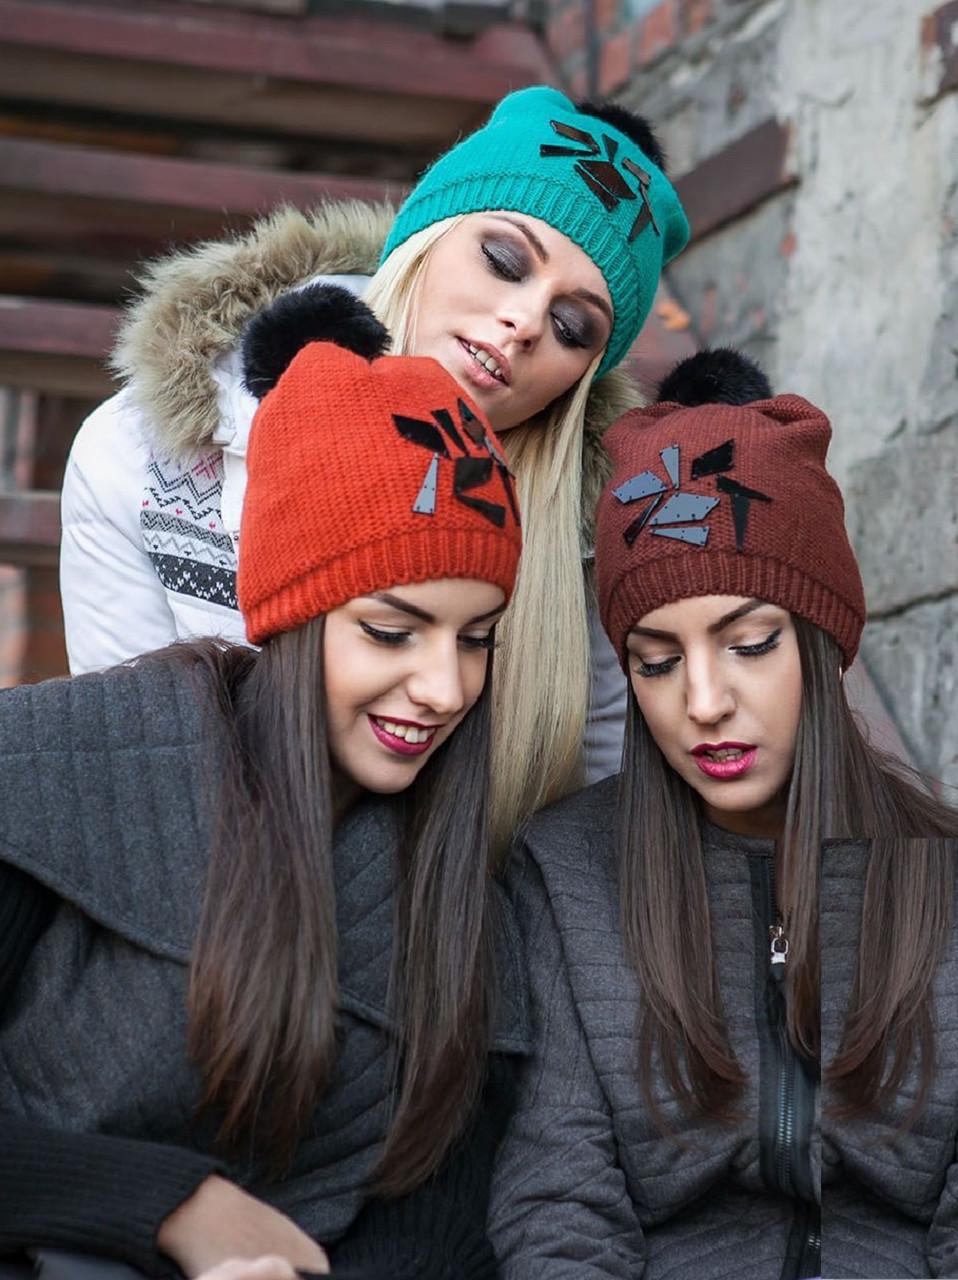 Женская зимняя вязаная шапка с помпоном из натурального меха, женские зимние шапки оптом от производителя